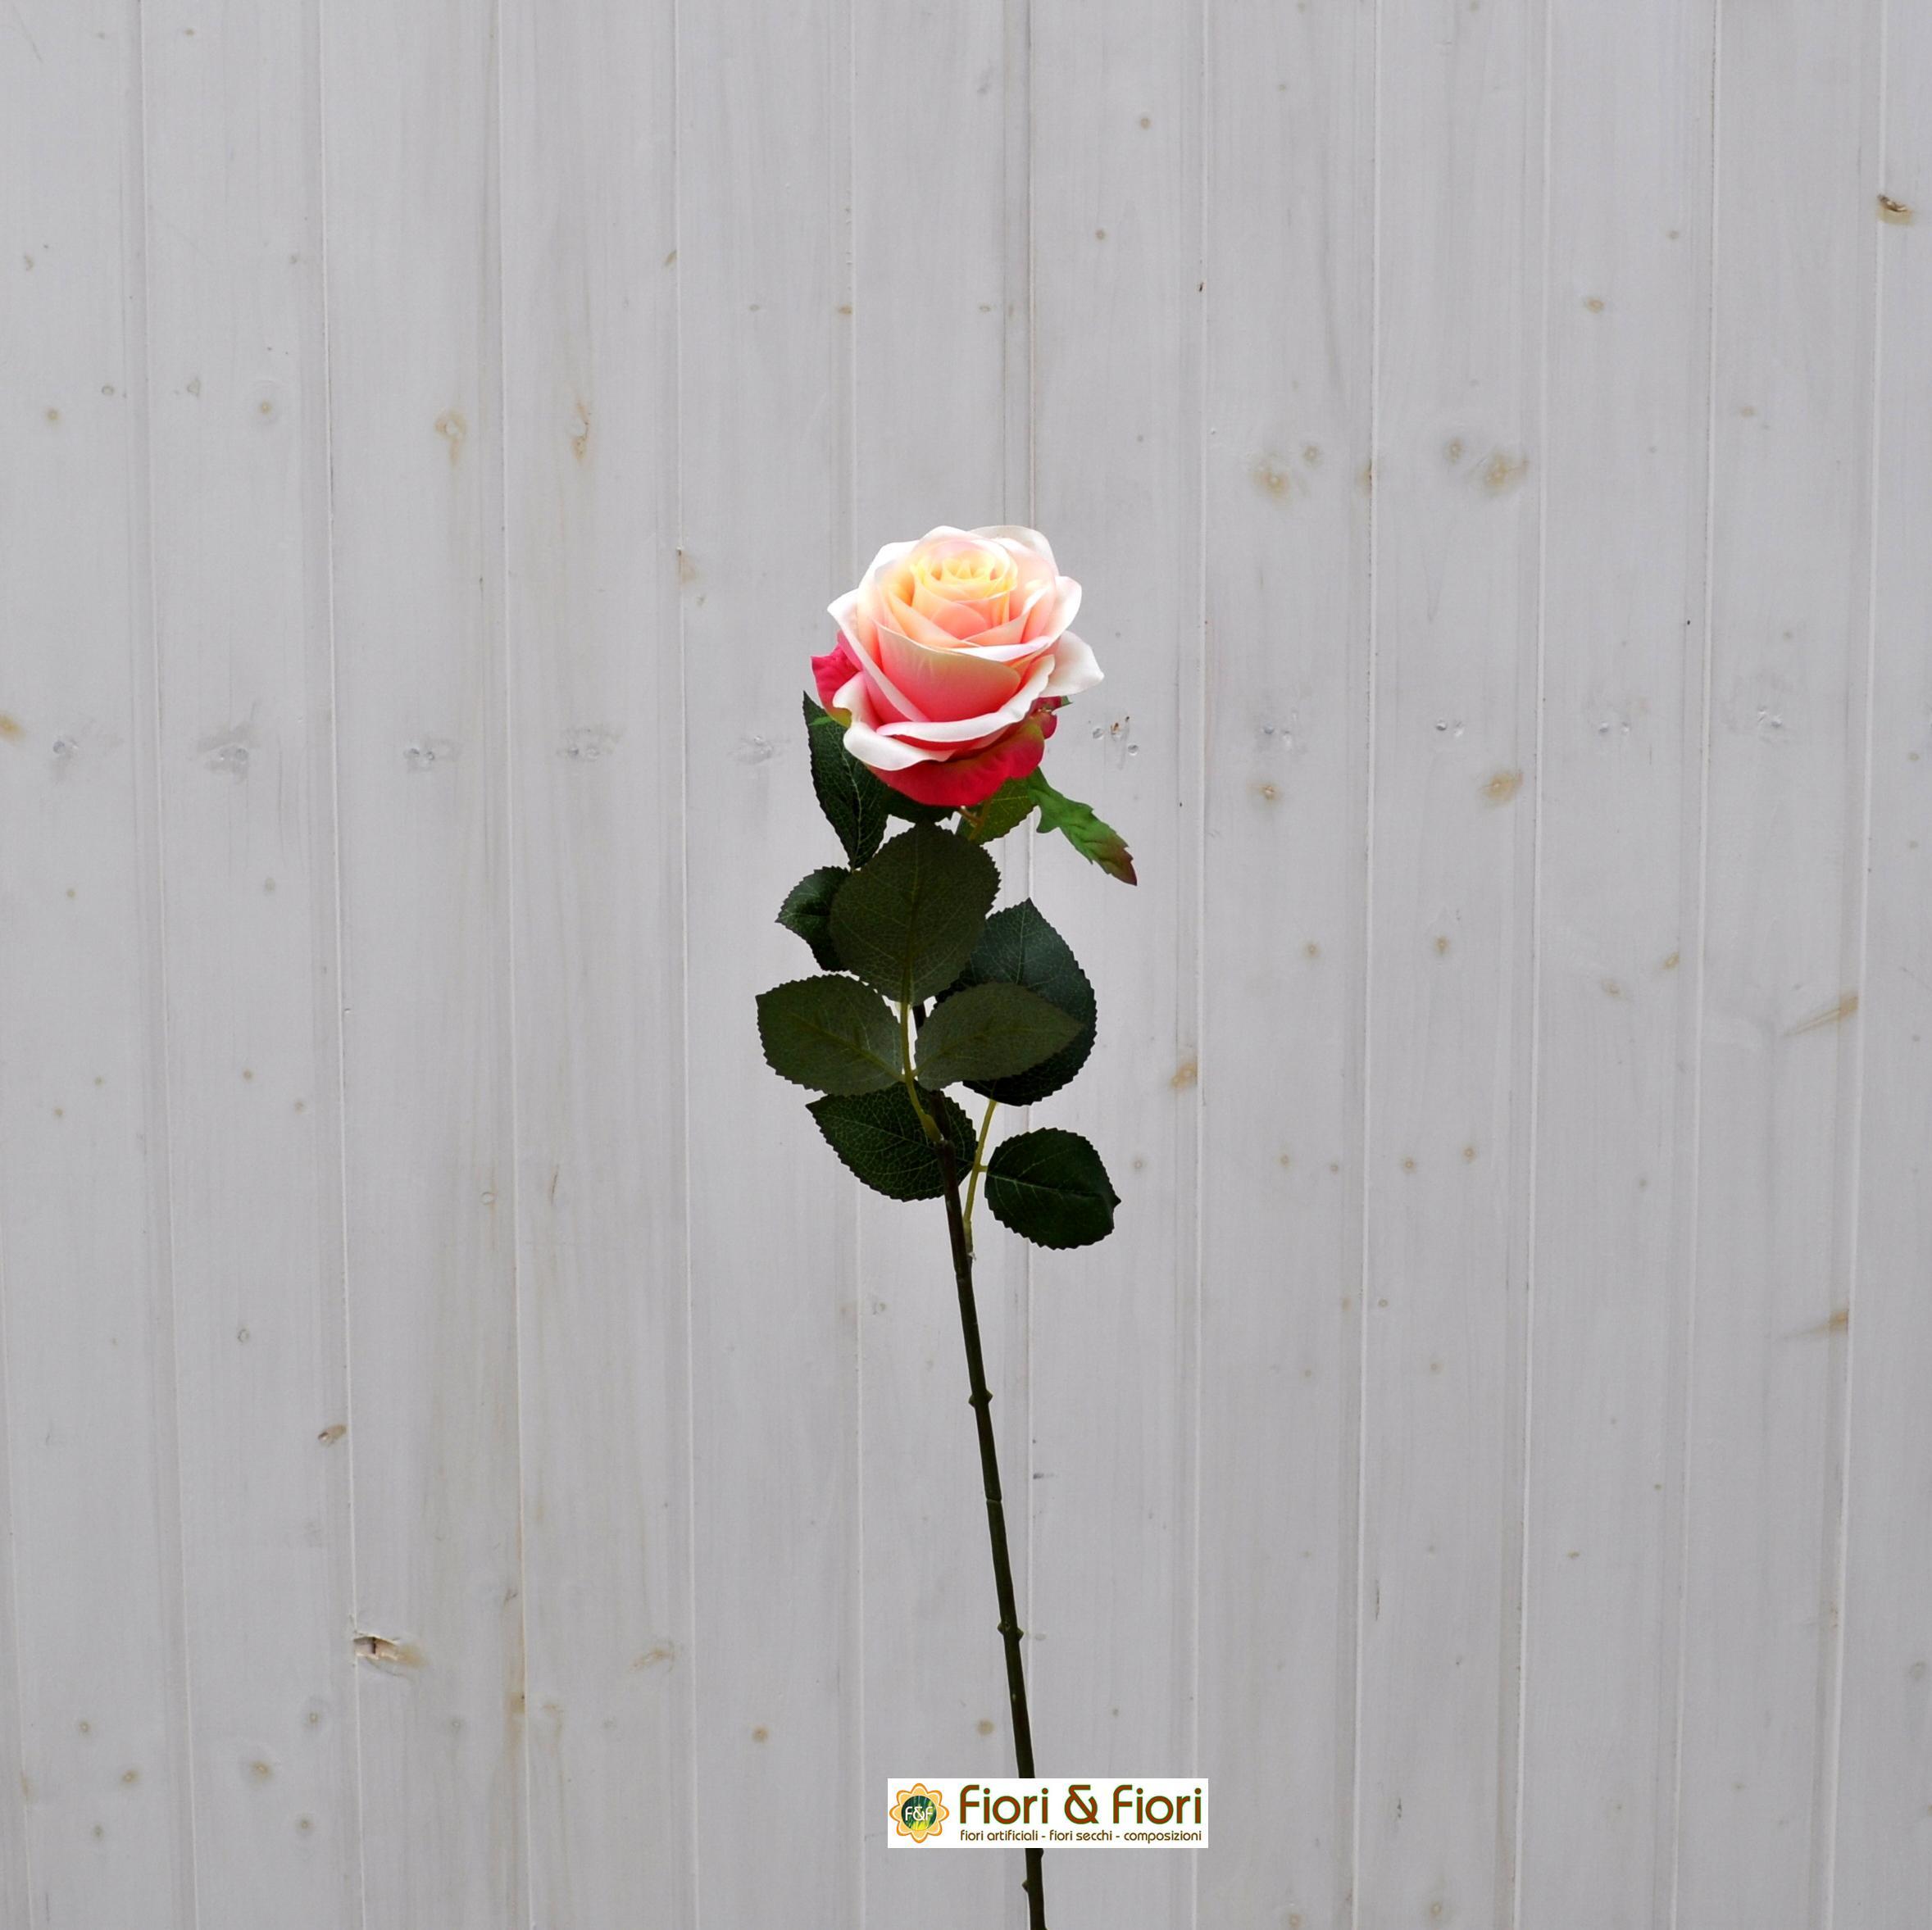 Fiore artificiale Rosa france pesca